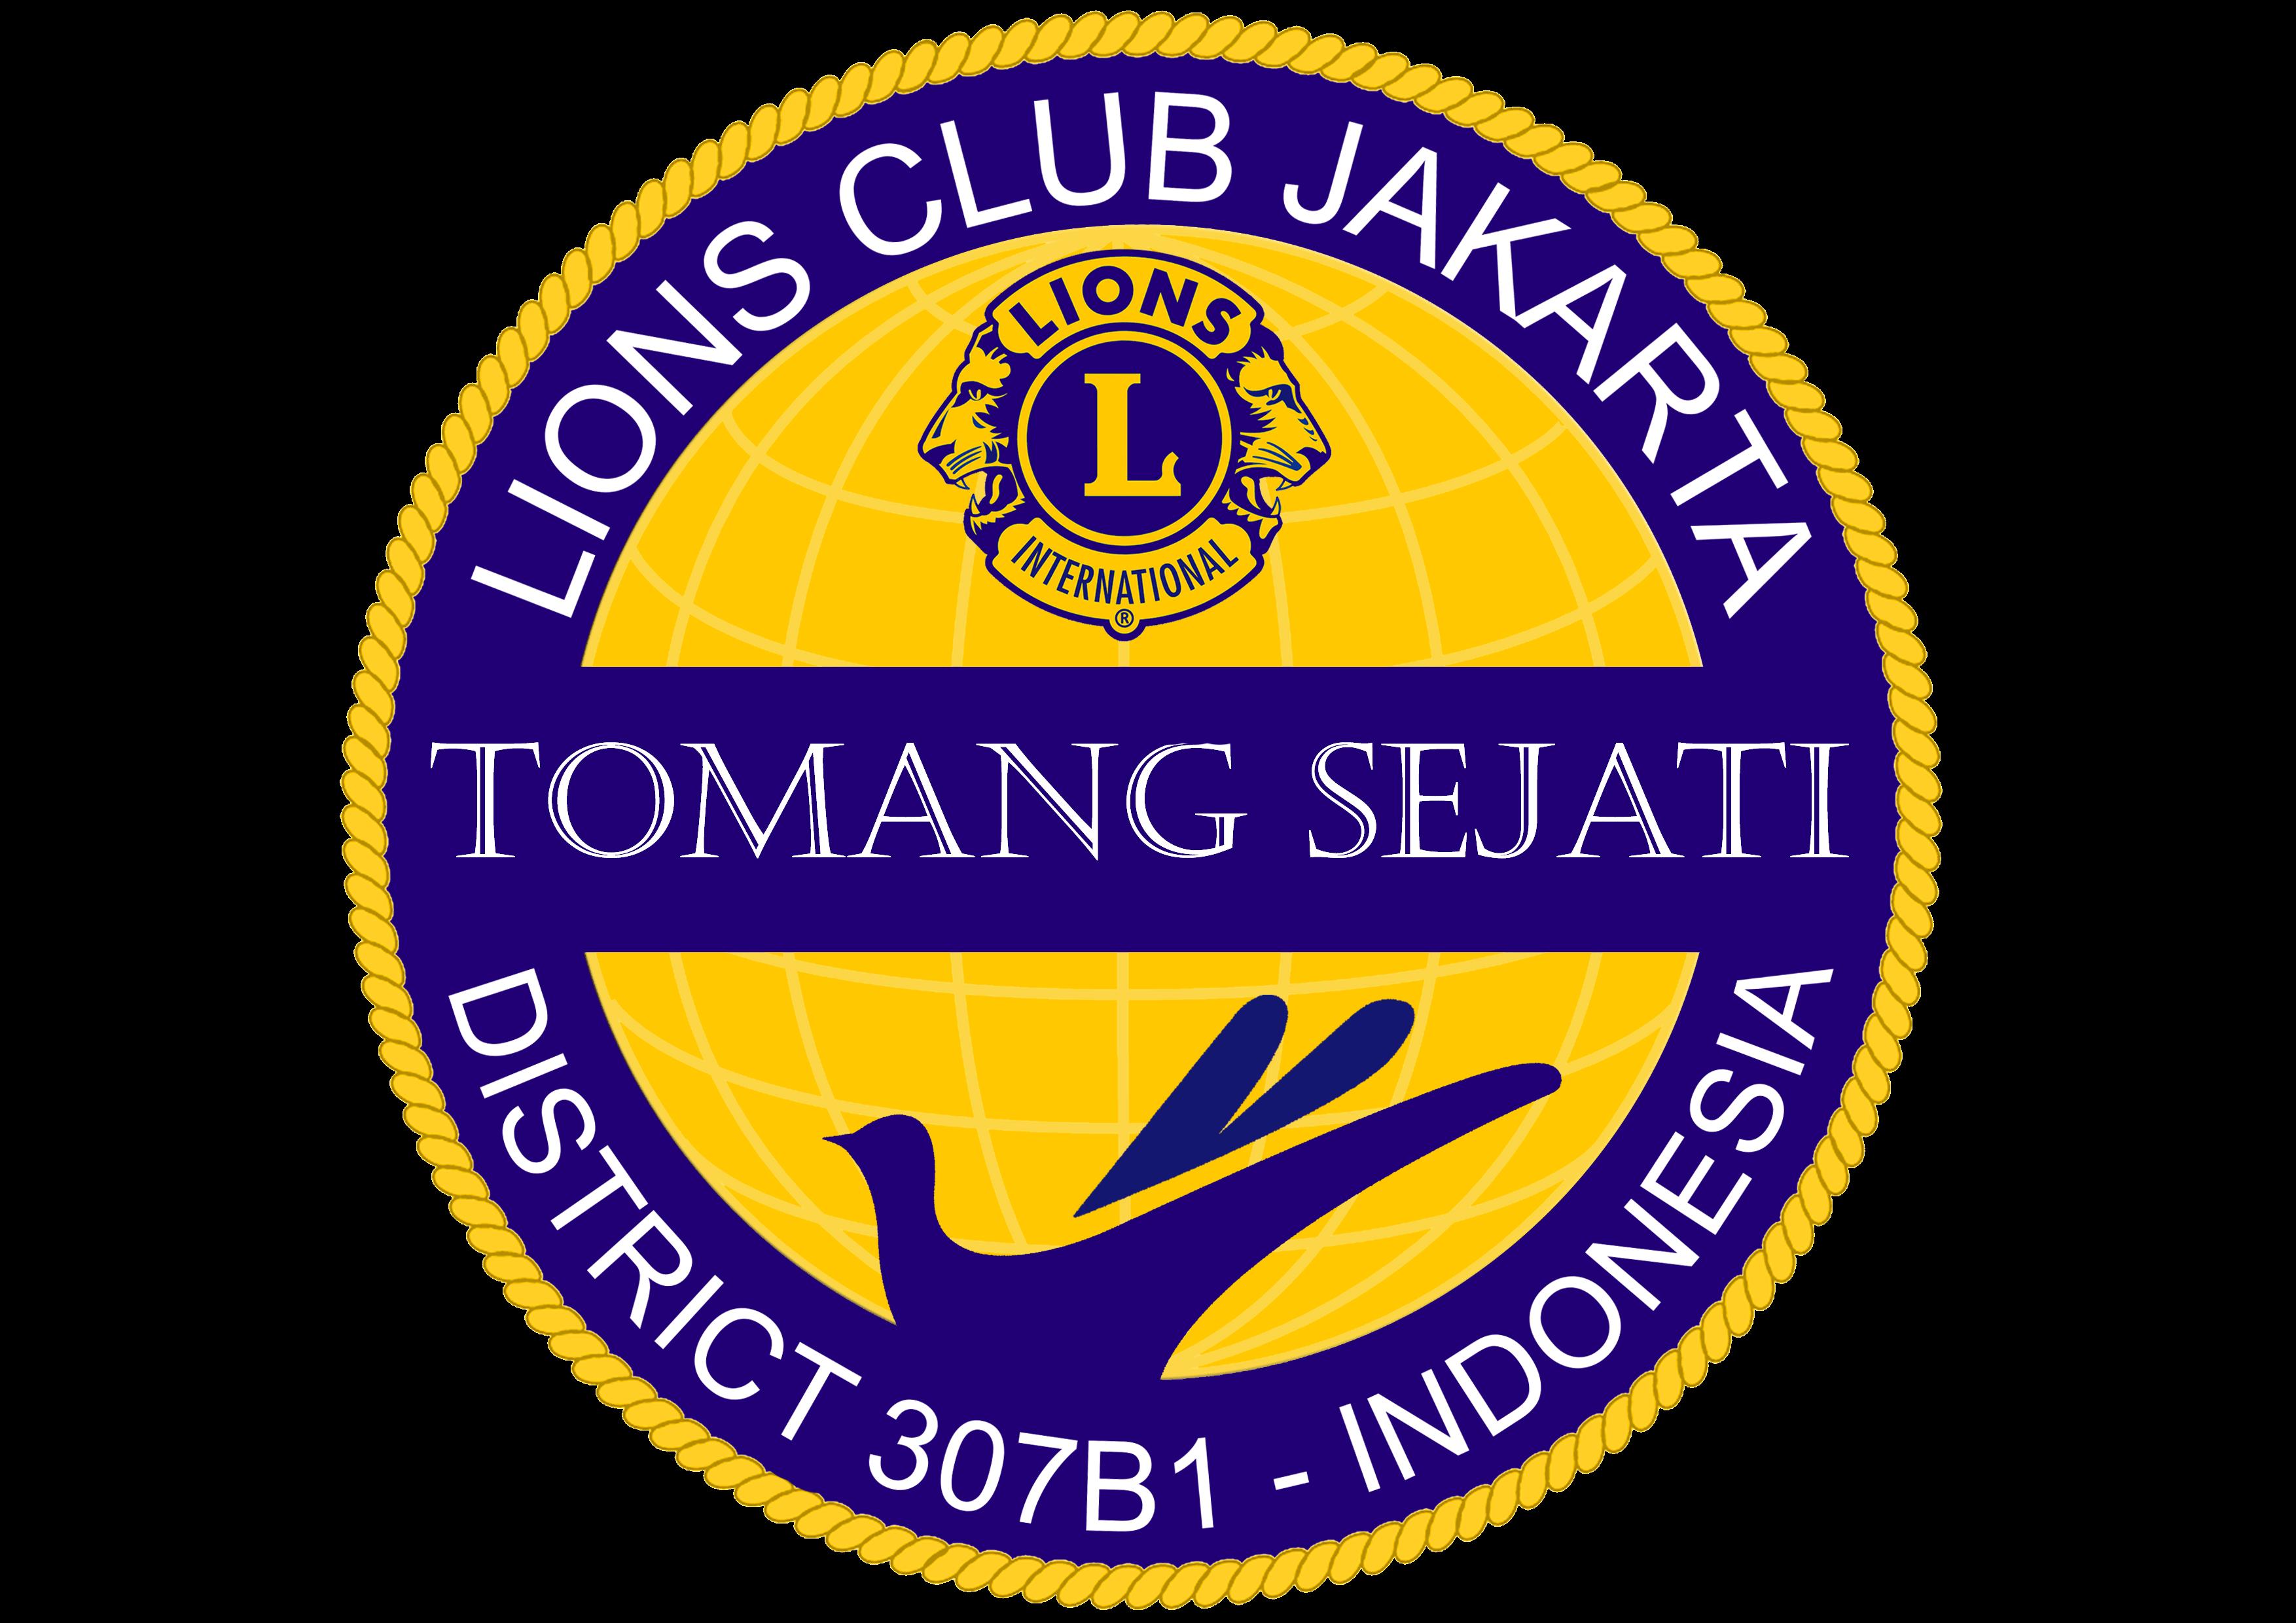 logo lions club jakarta tomang sejati lions clubs international district 307 b1